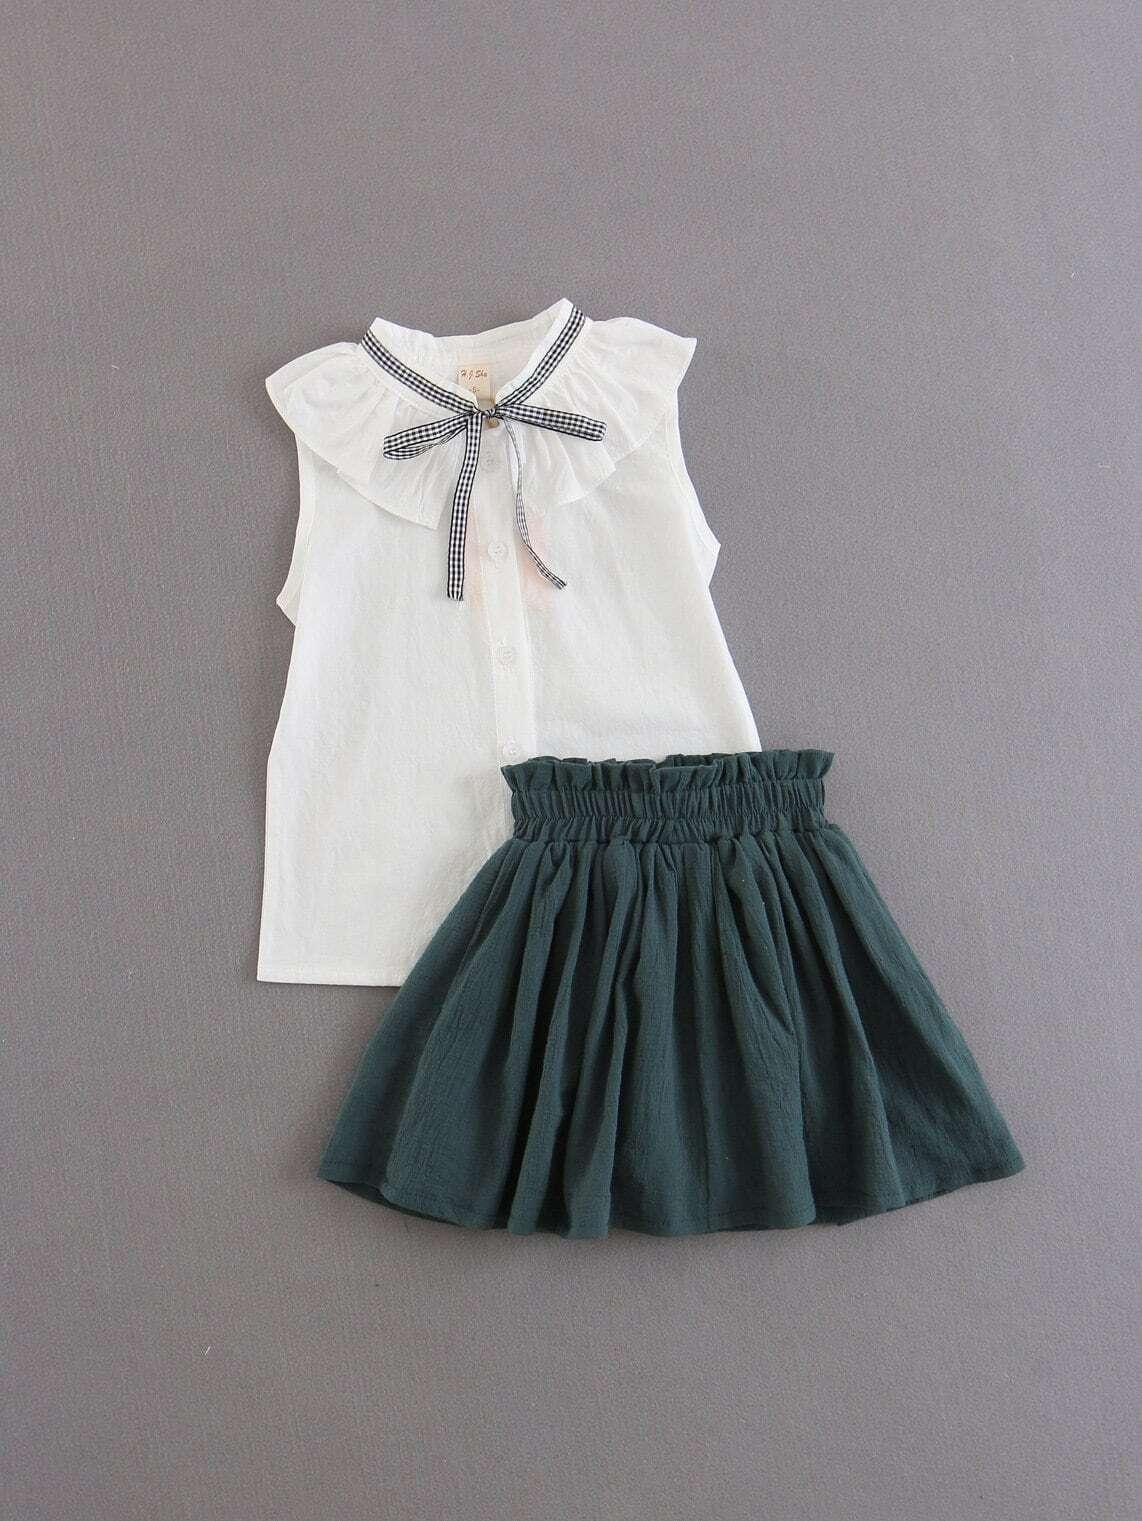 Топ с бантом и юбка для детей от SheIn